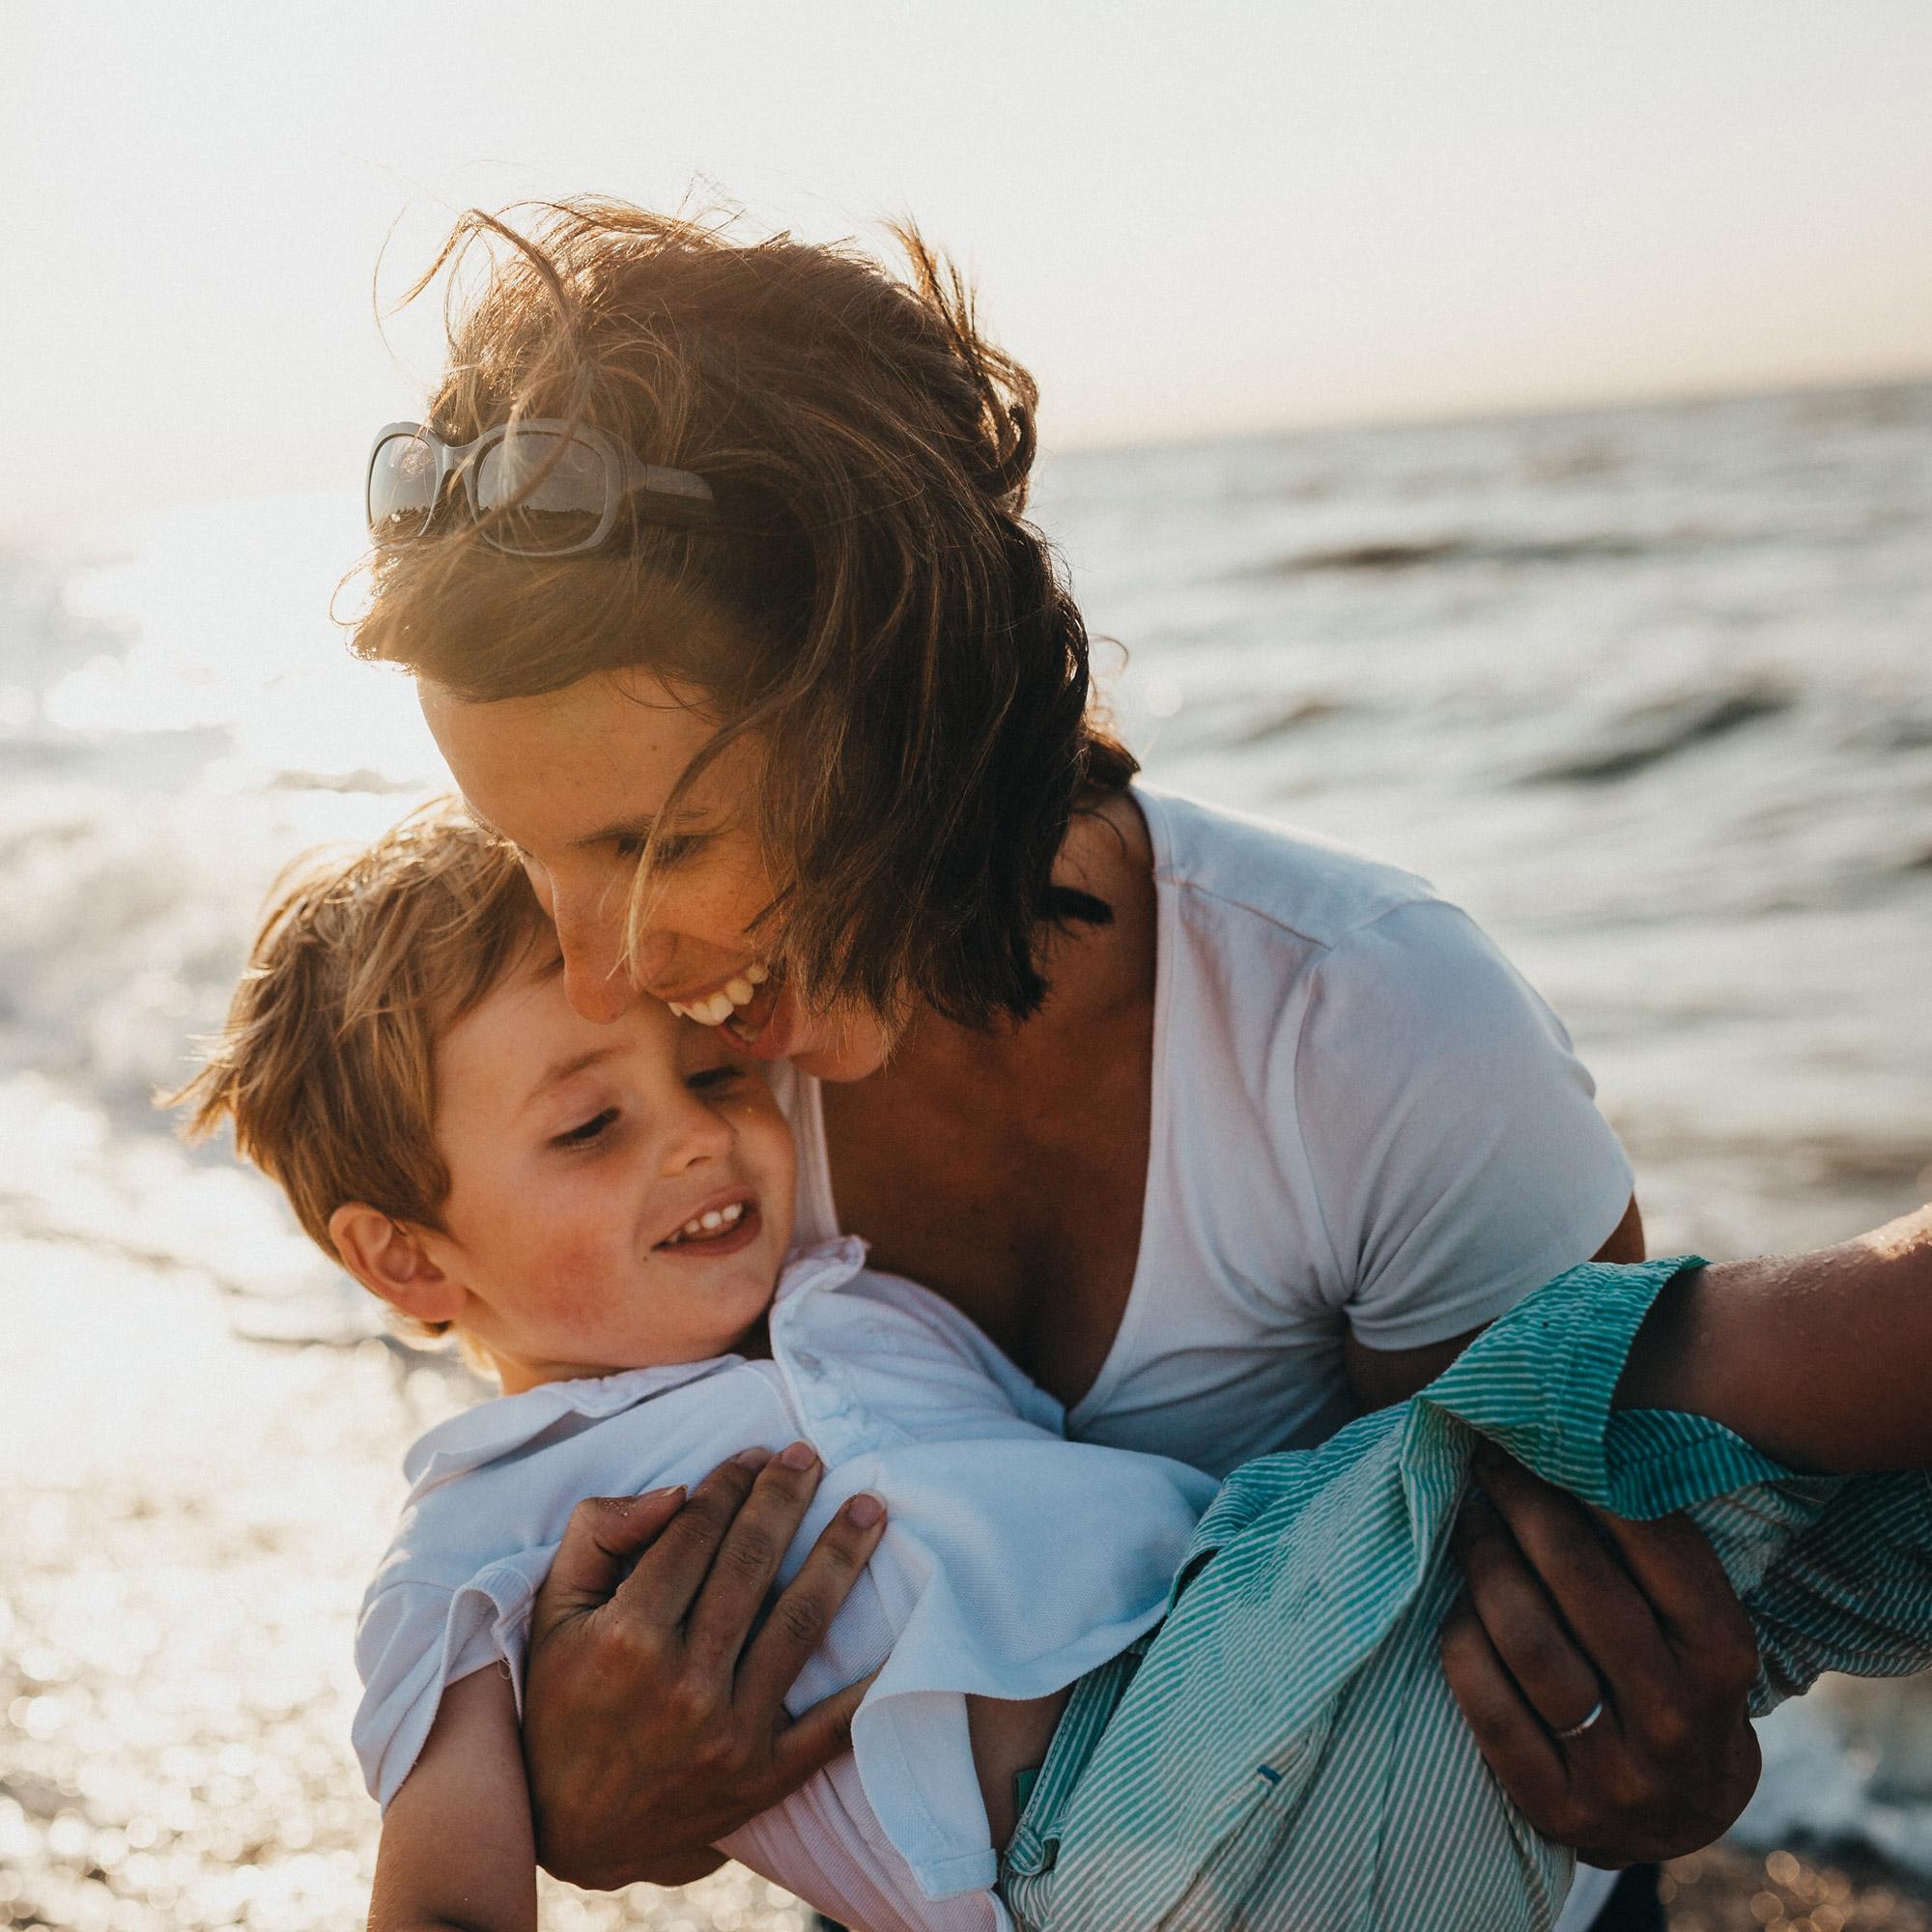 divorce-financial-advice-case-studies-confidence